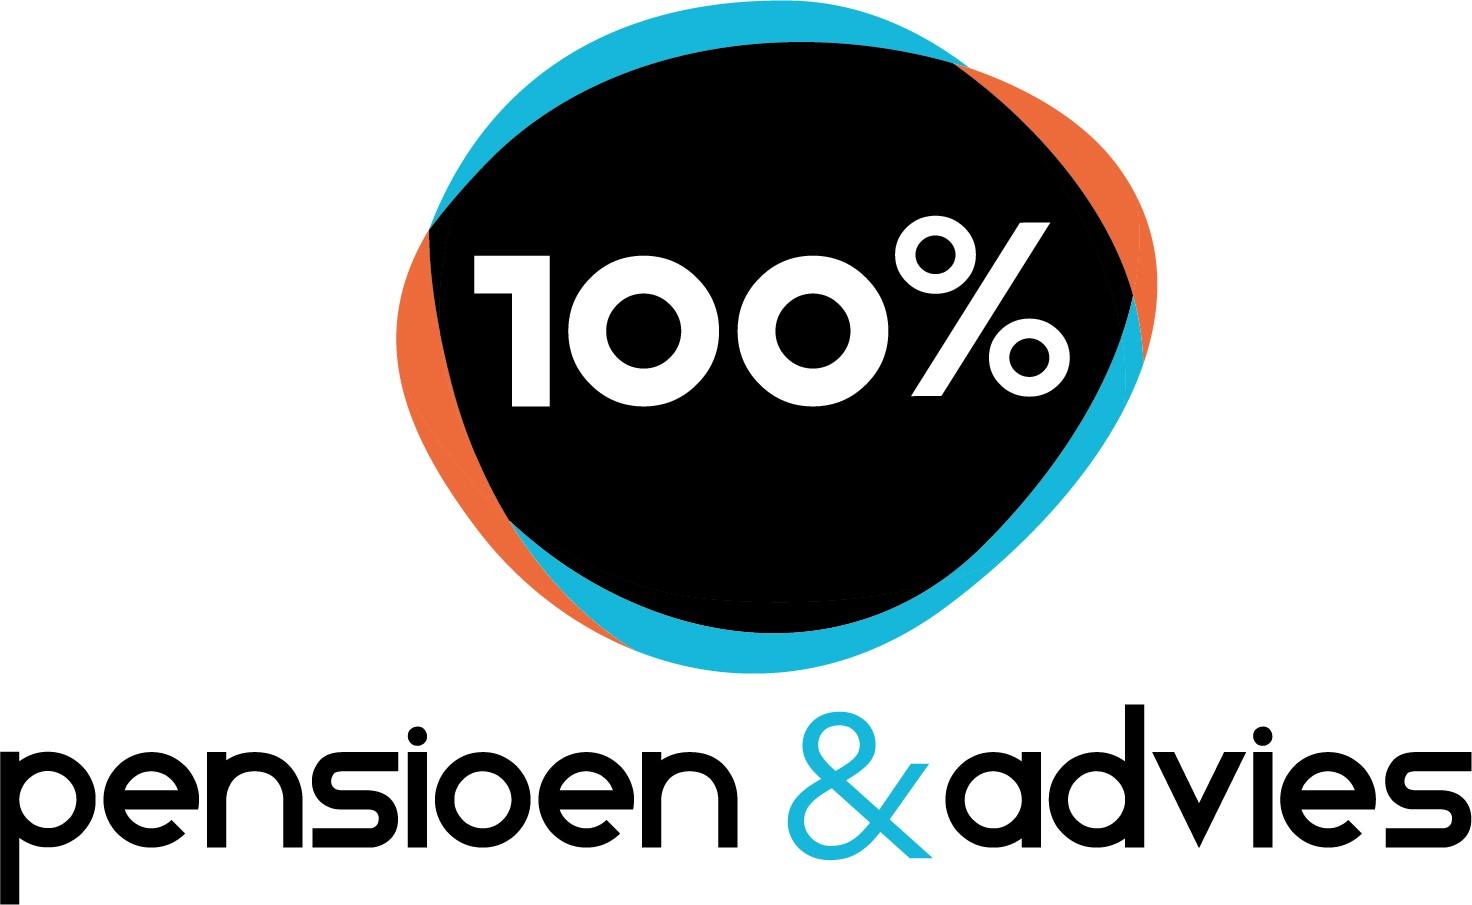 100% Pensioen & Advies